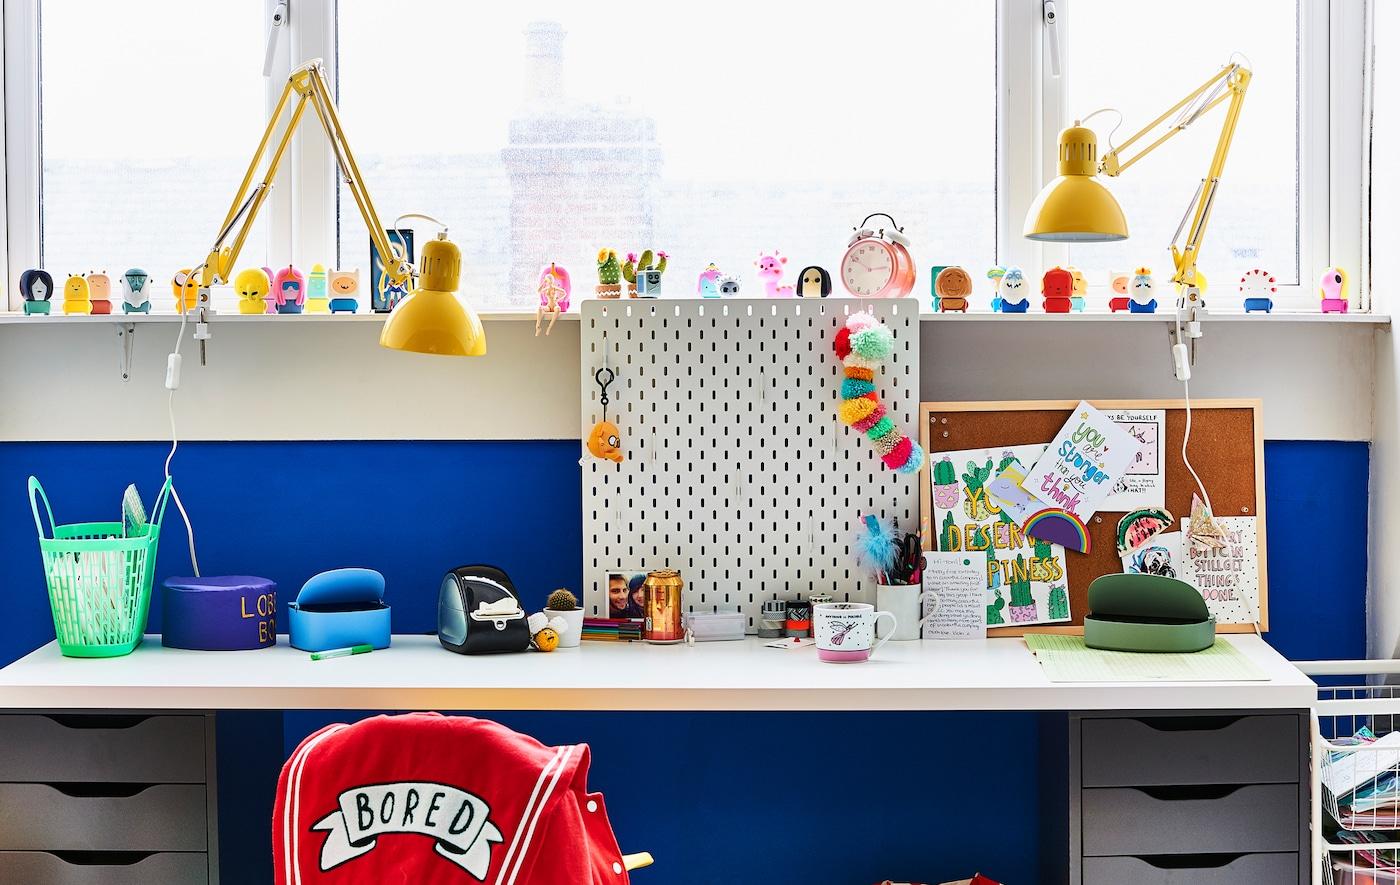 مكتب أبيض ومصابيح صفراء بمحاذاة حائط أزرق.